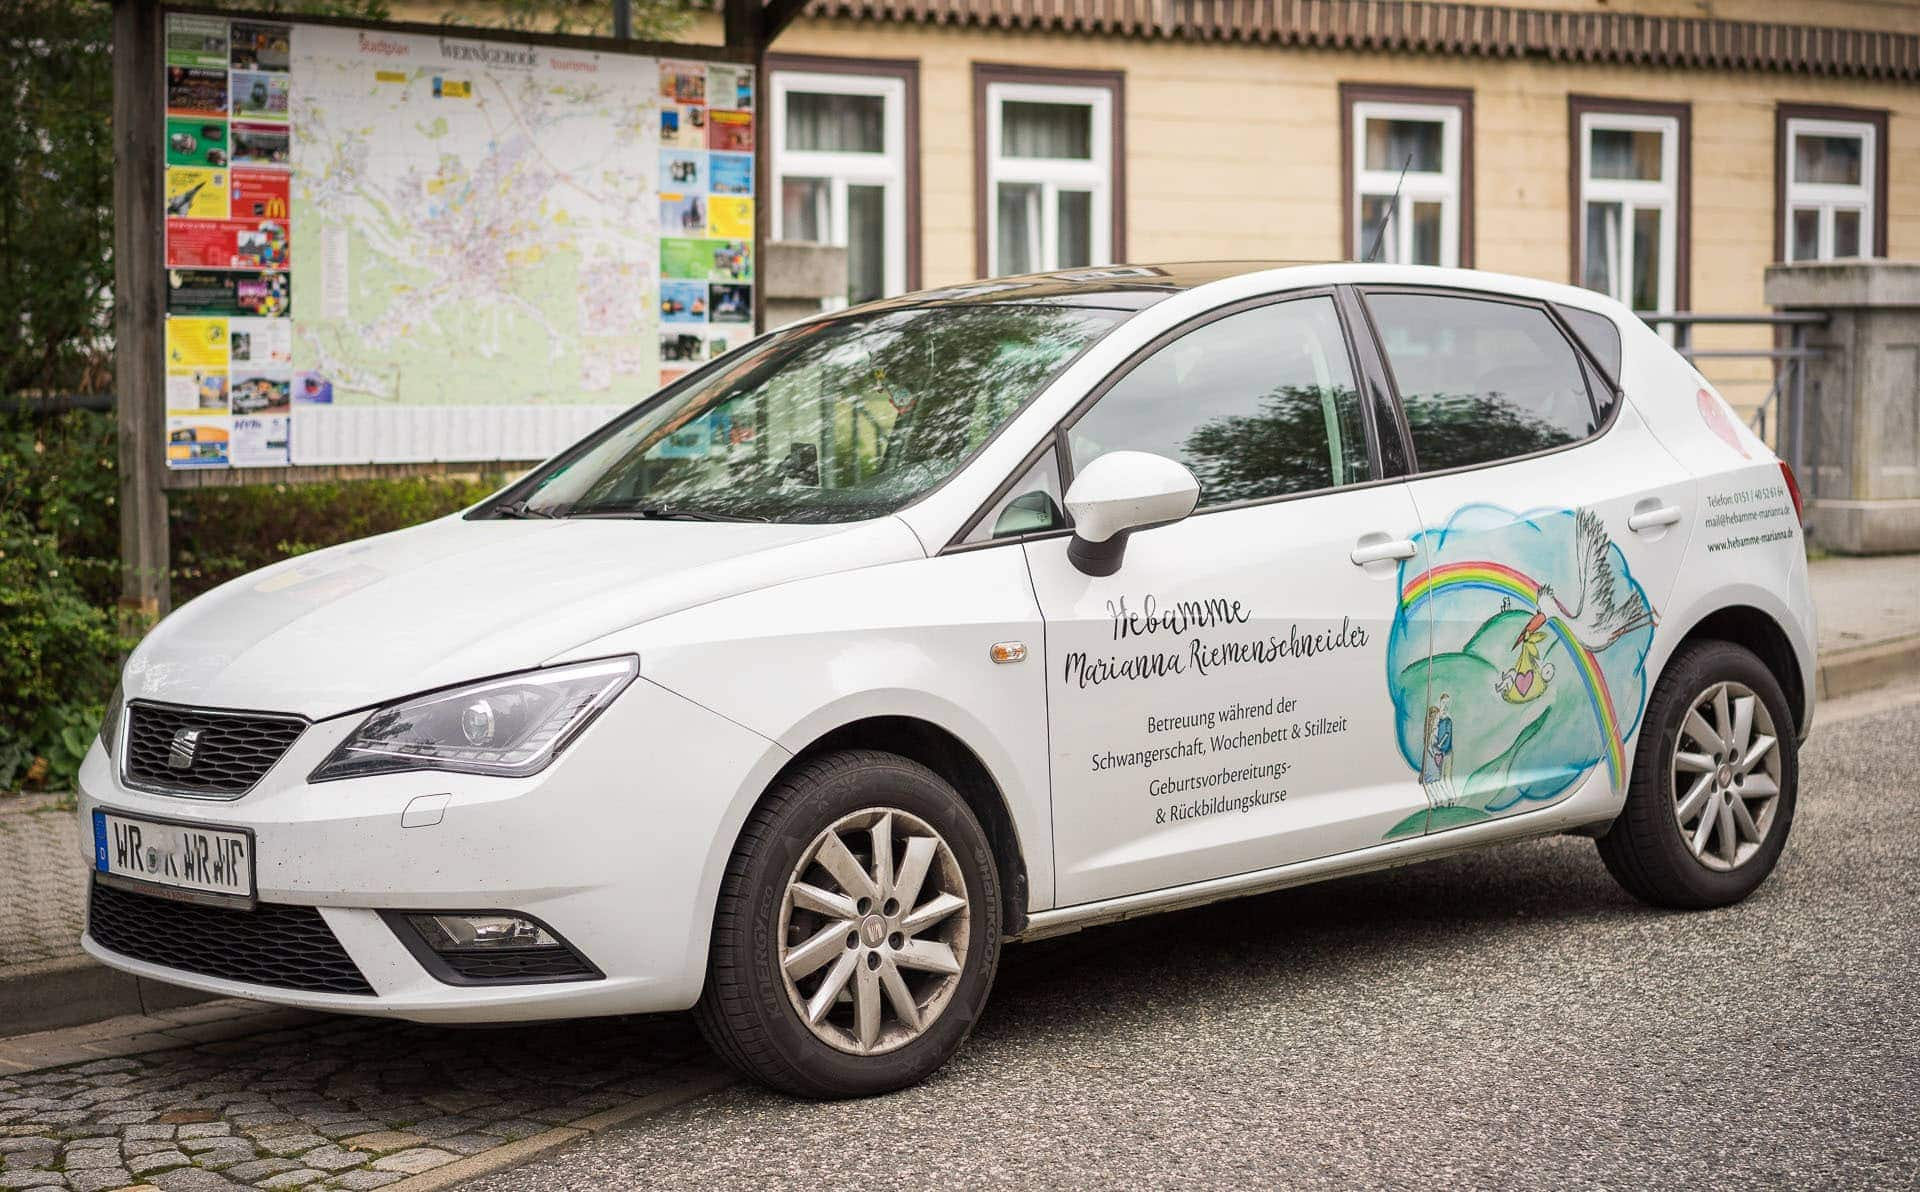 Fahrzeugbeschriftung | Hebamme Marianna Riemenschneider